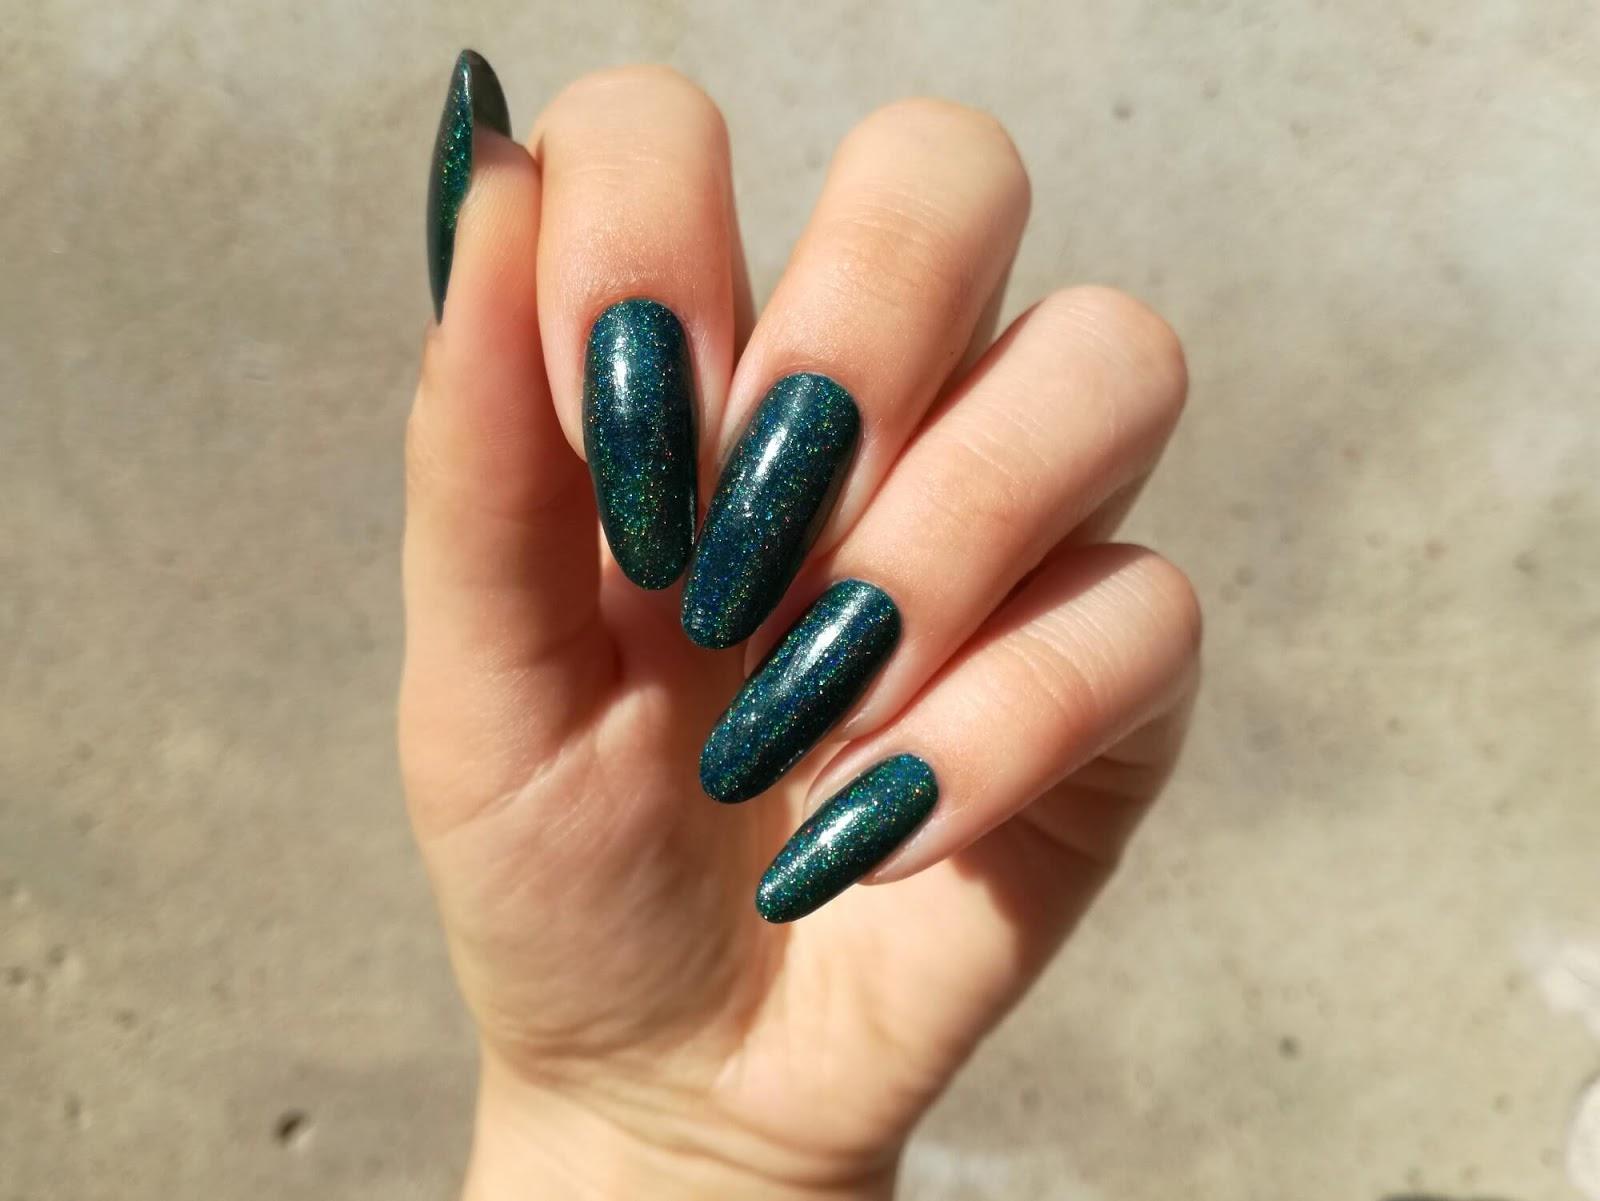 paznokcie ciemnozielone holo